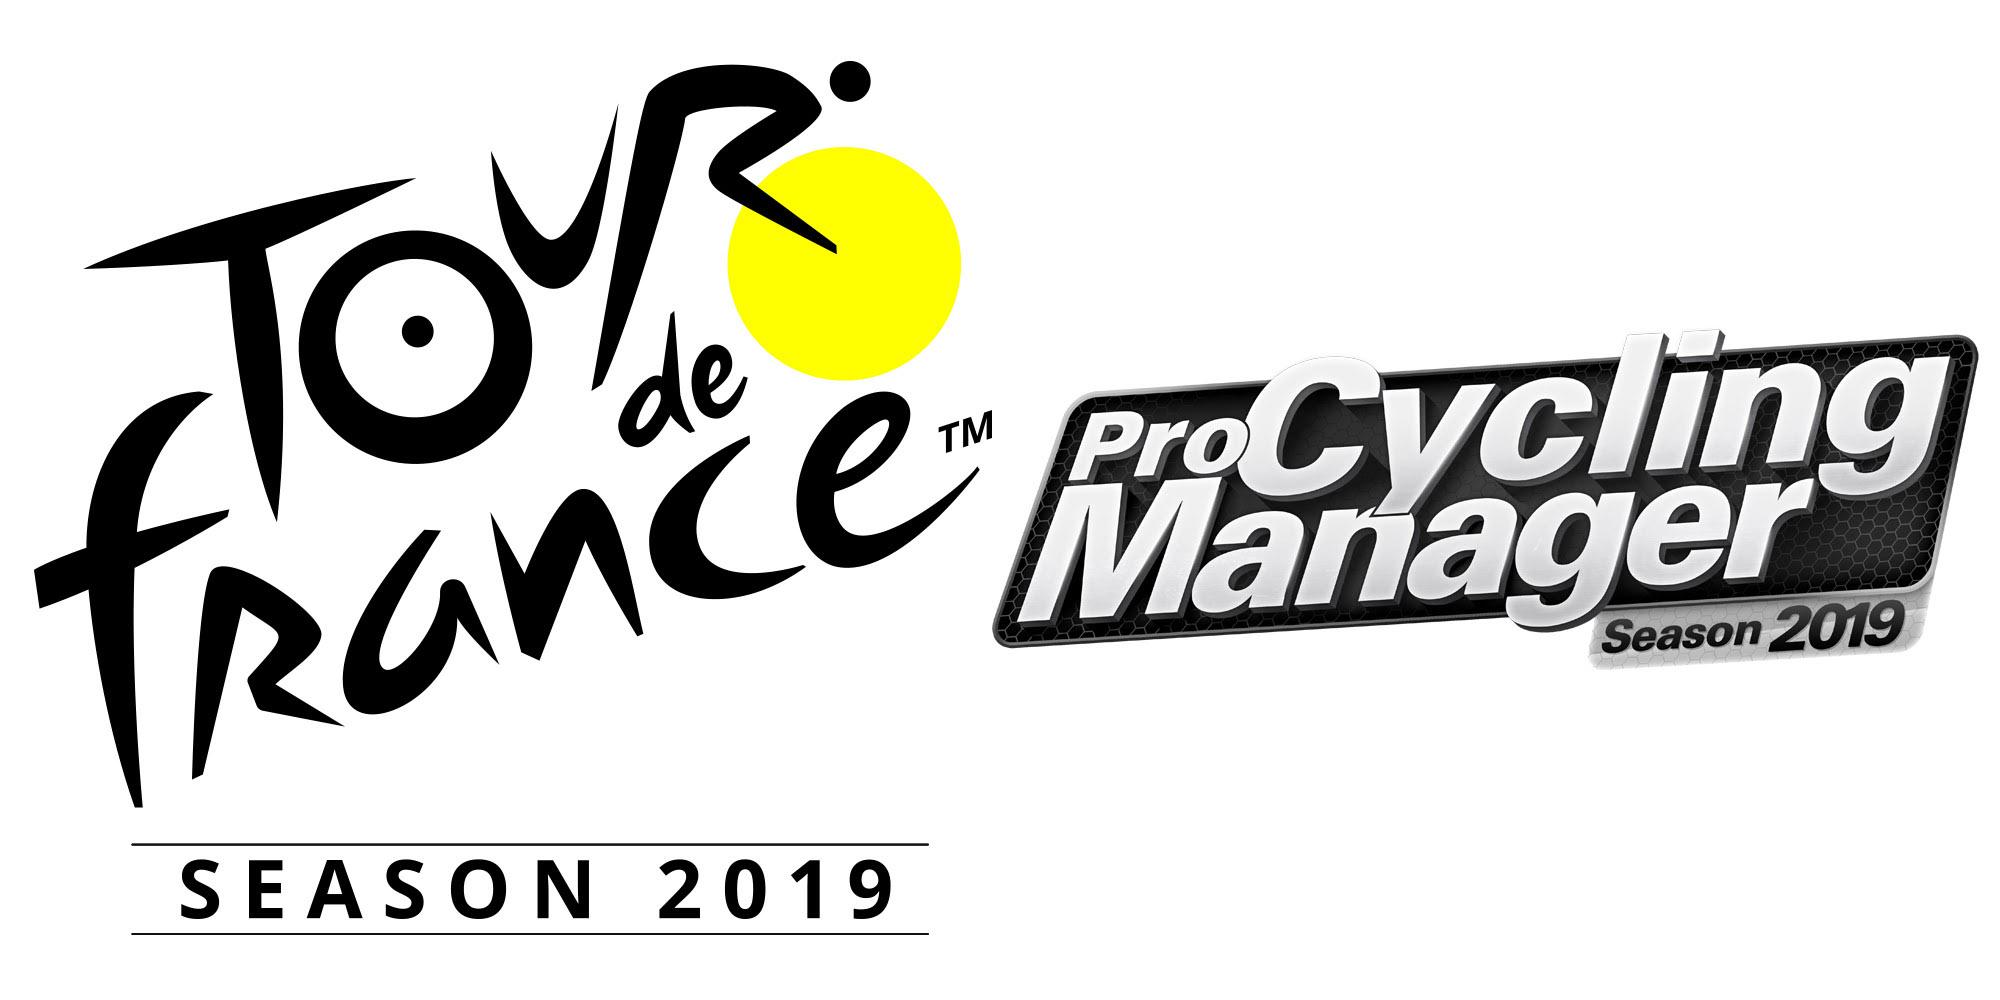 Pro Cycling Manager Season 2019 Le Tour De France